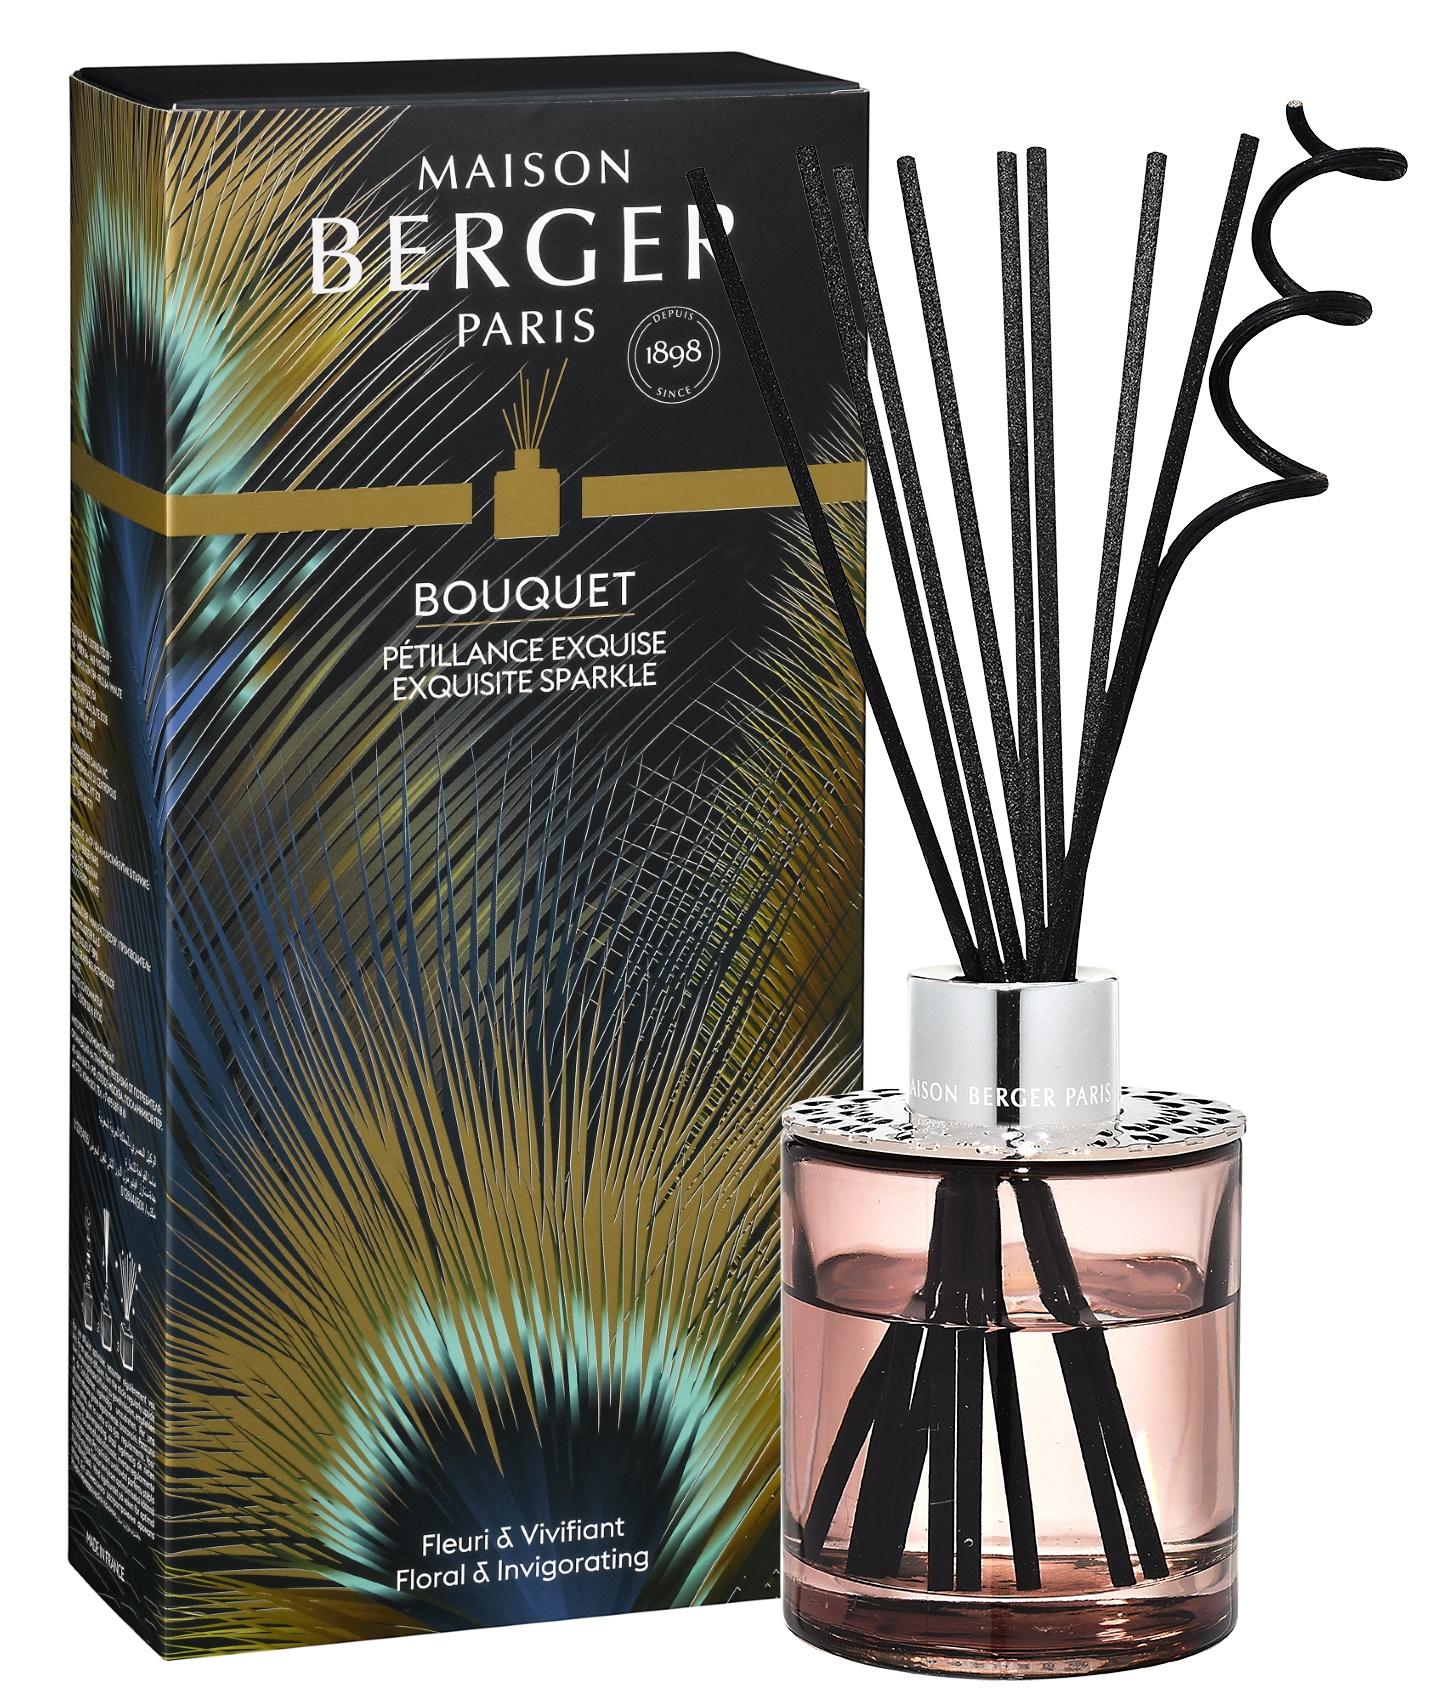 Difuzor parfum camera Berger Bouquet Parfume Cube Etincelle Exquisite Sparkle 200ml poza